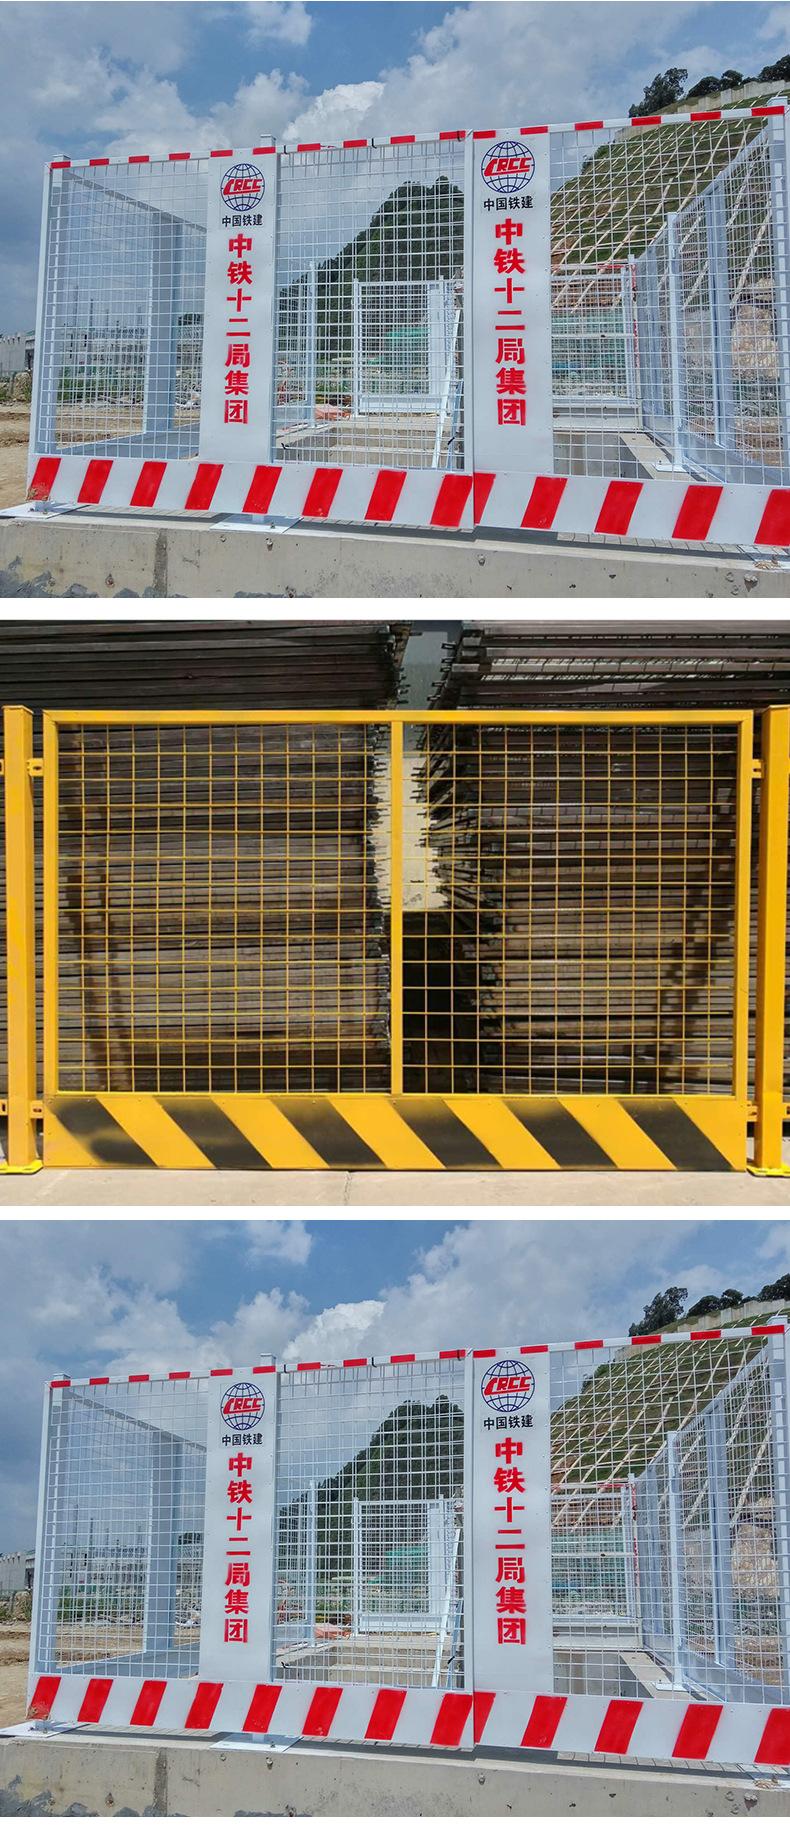 现货建筑工地泥浆池基坑护栏 施工临边安全防护黄黑基坑护栏示例图7